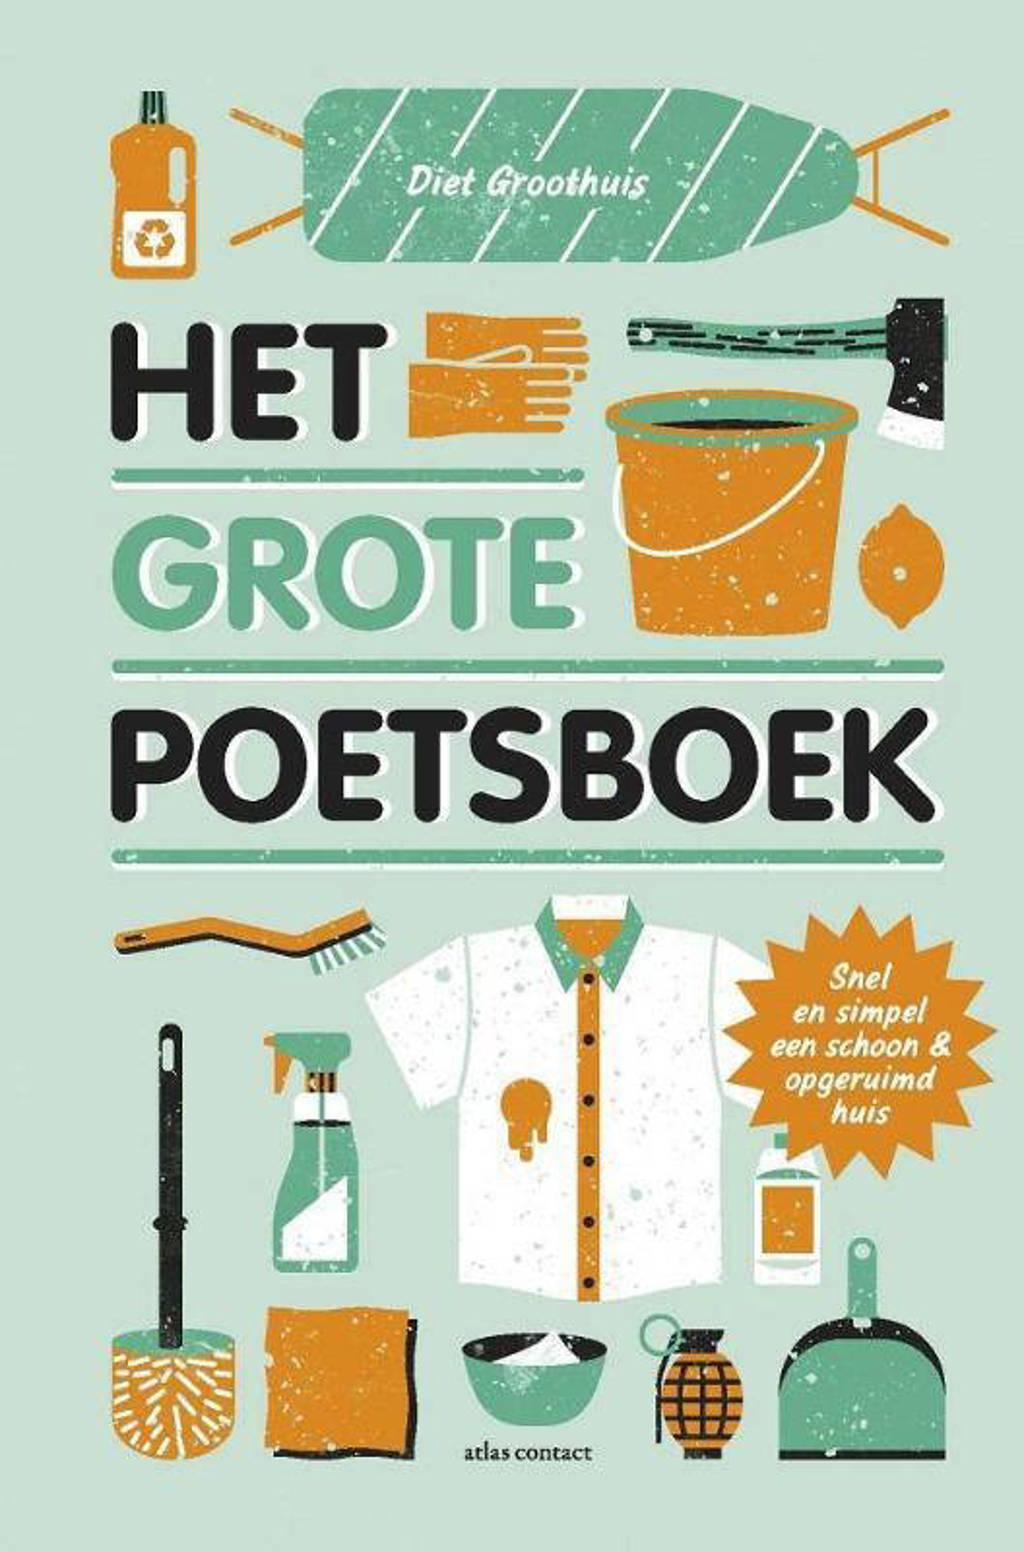 Het grote poetsboek - Diet Groothuis